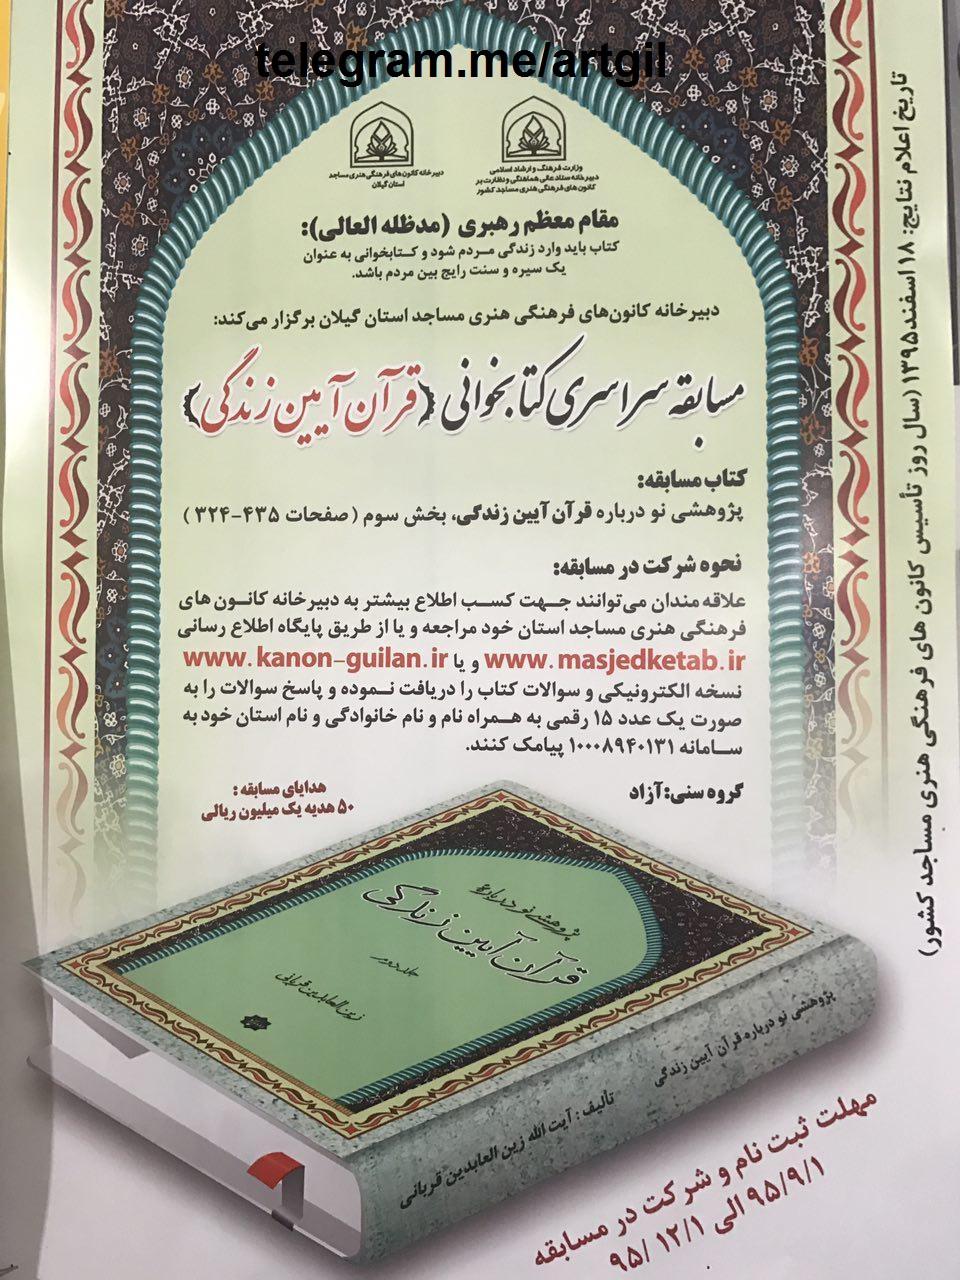 مسابقه سراسری کتابخوانی «قرآن آیین زندگی» در گیلان برگزار میشود